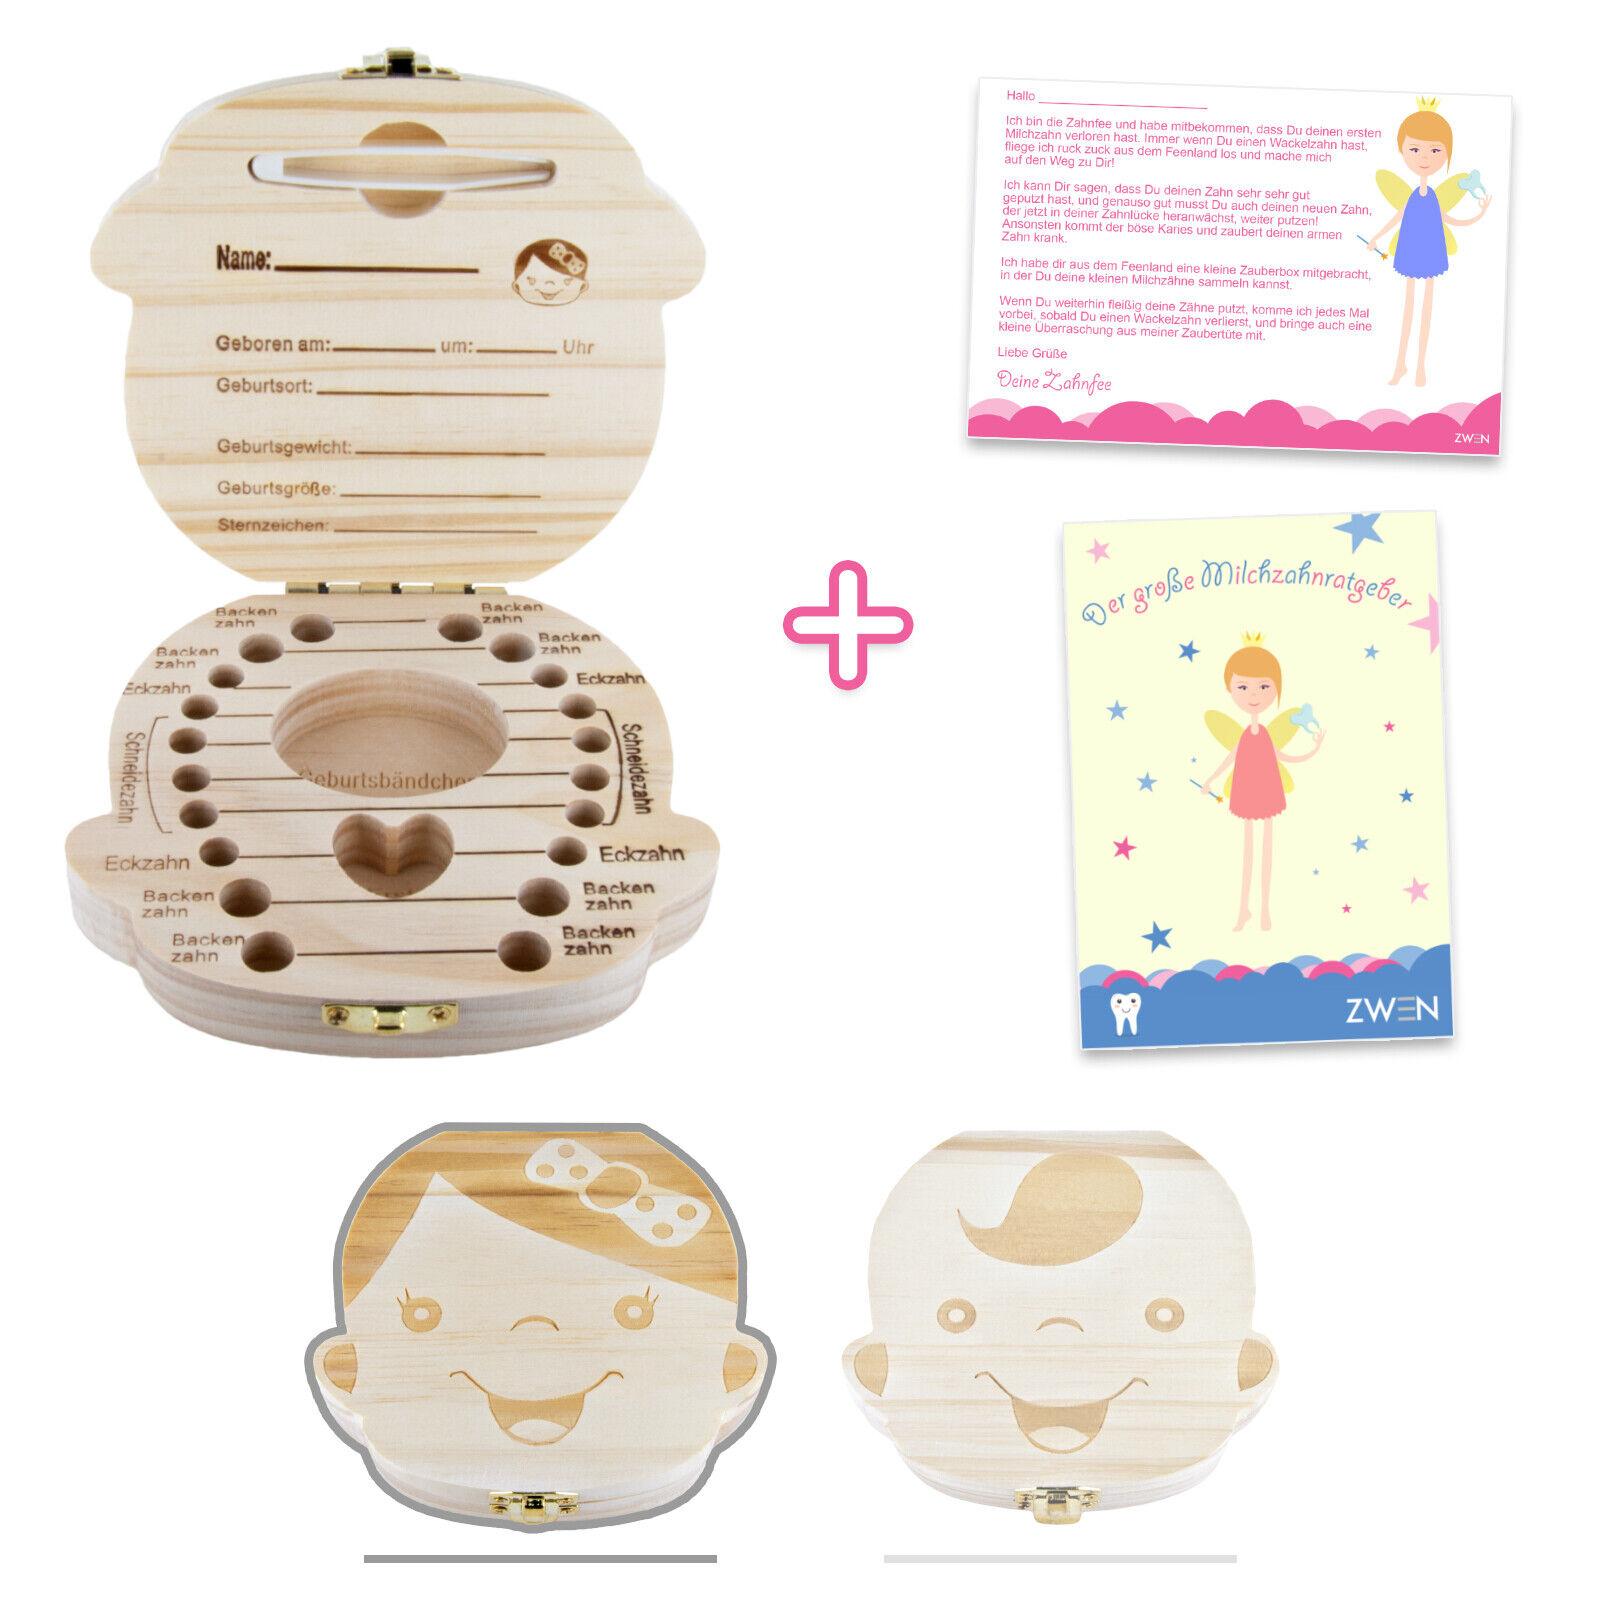 ZWEN Milchzahnbox Milchzahndose Zahndose für Kinder Jungen & Mädchen Milchzähne